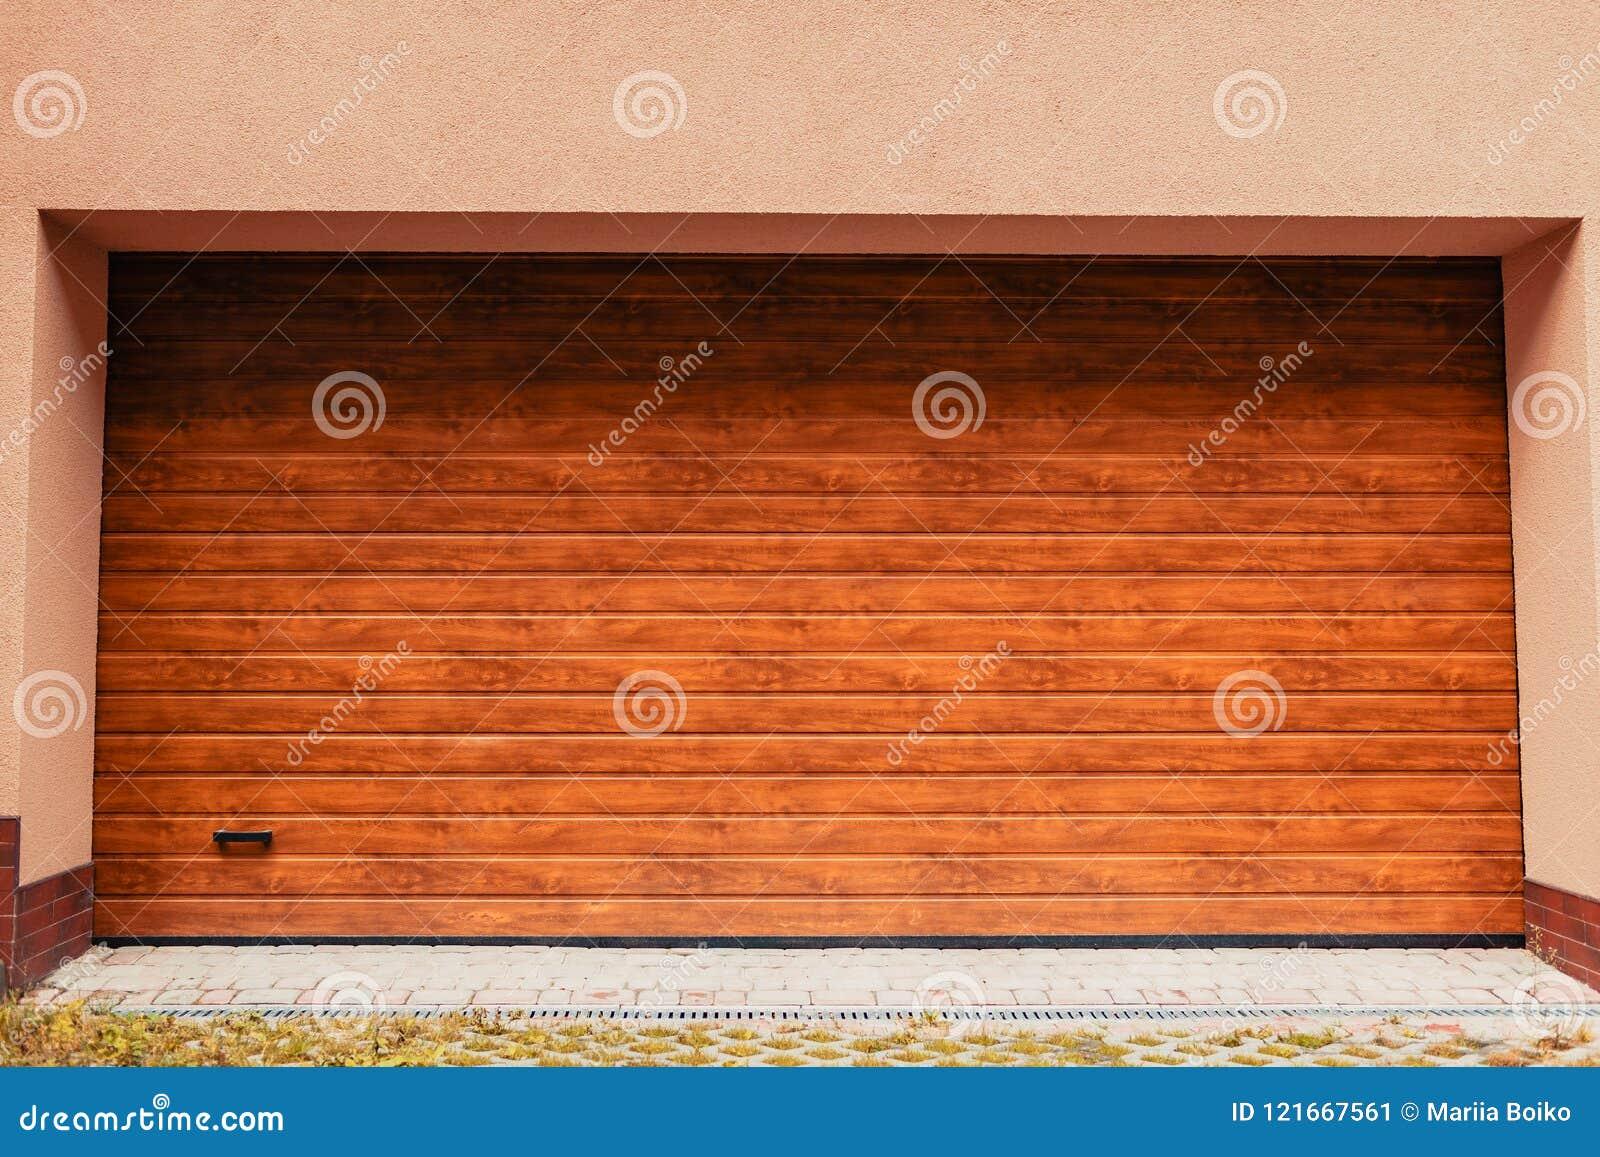 Wooden Garage Door Modern Garage In New Building Stock Image